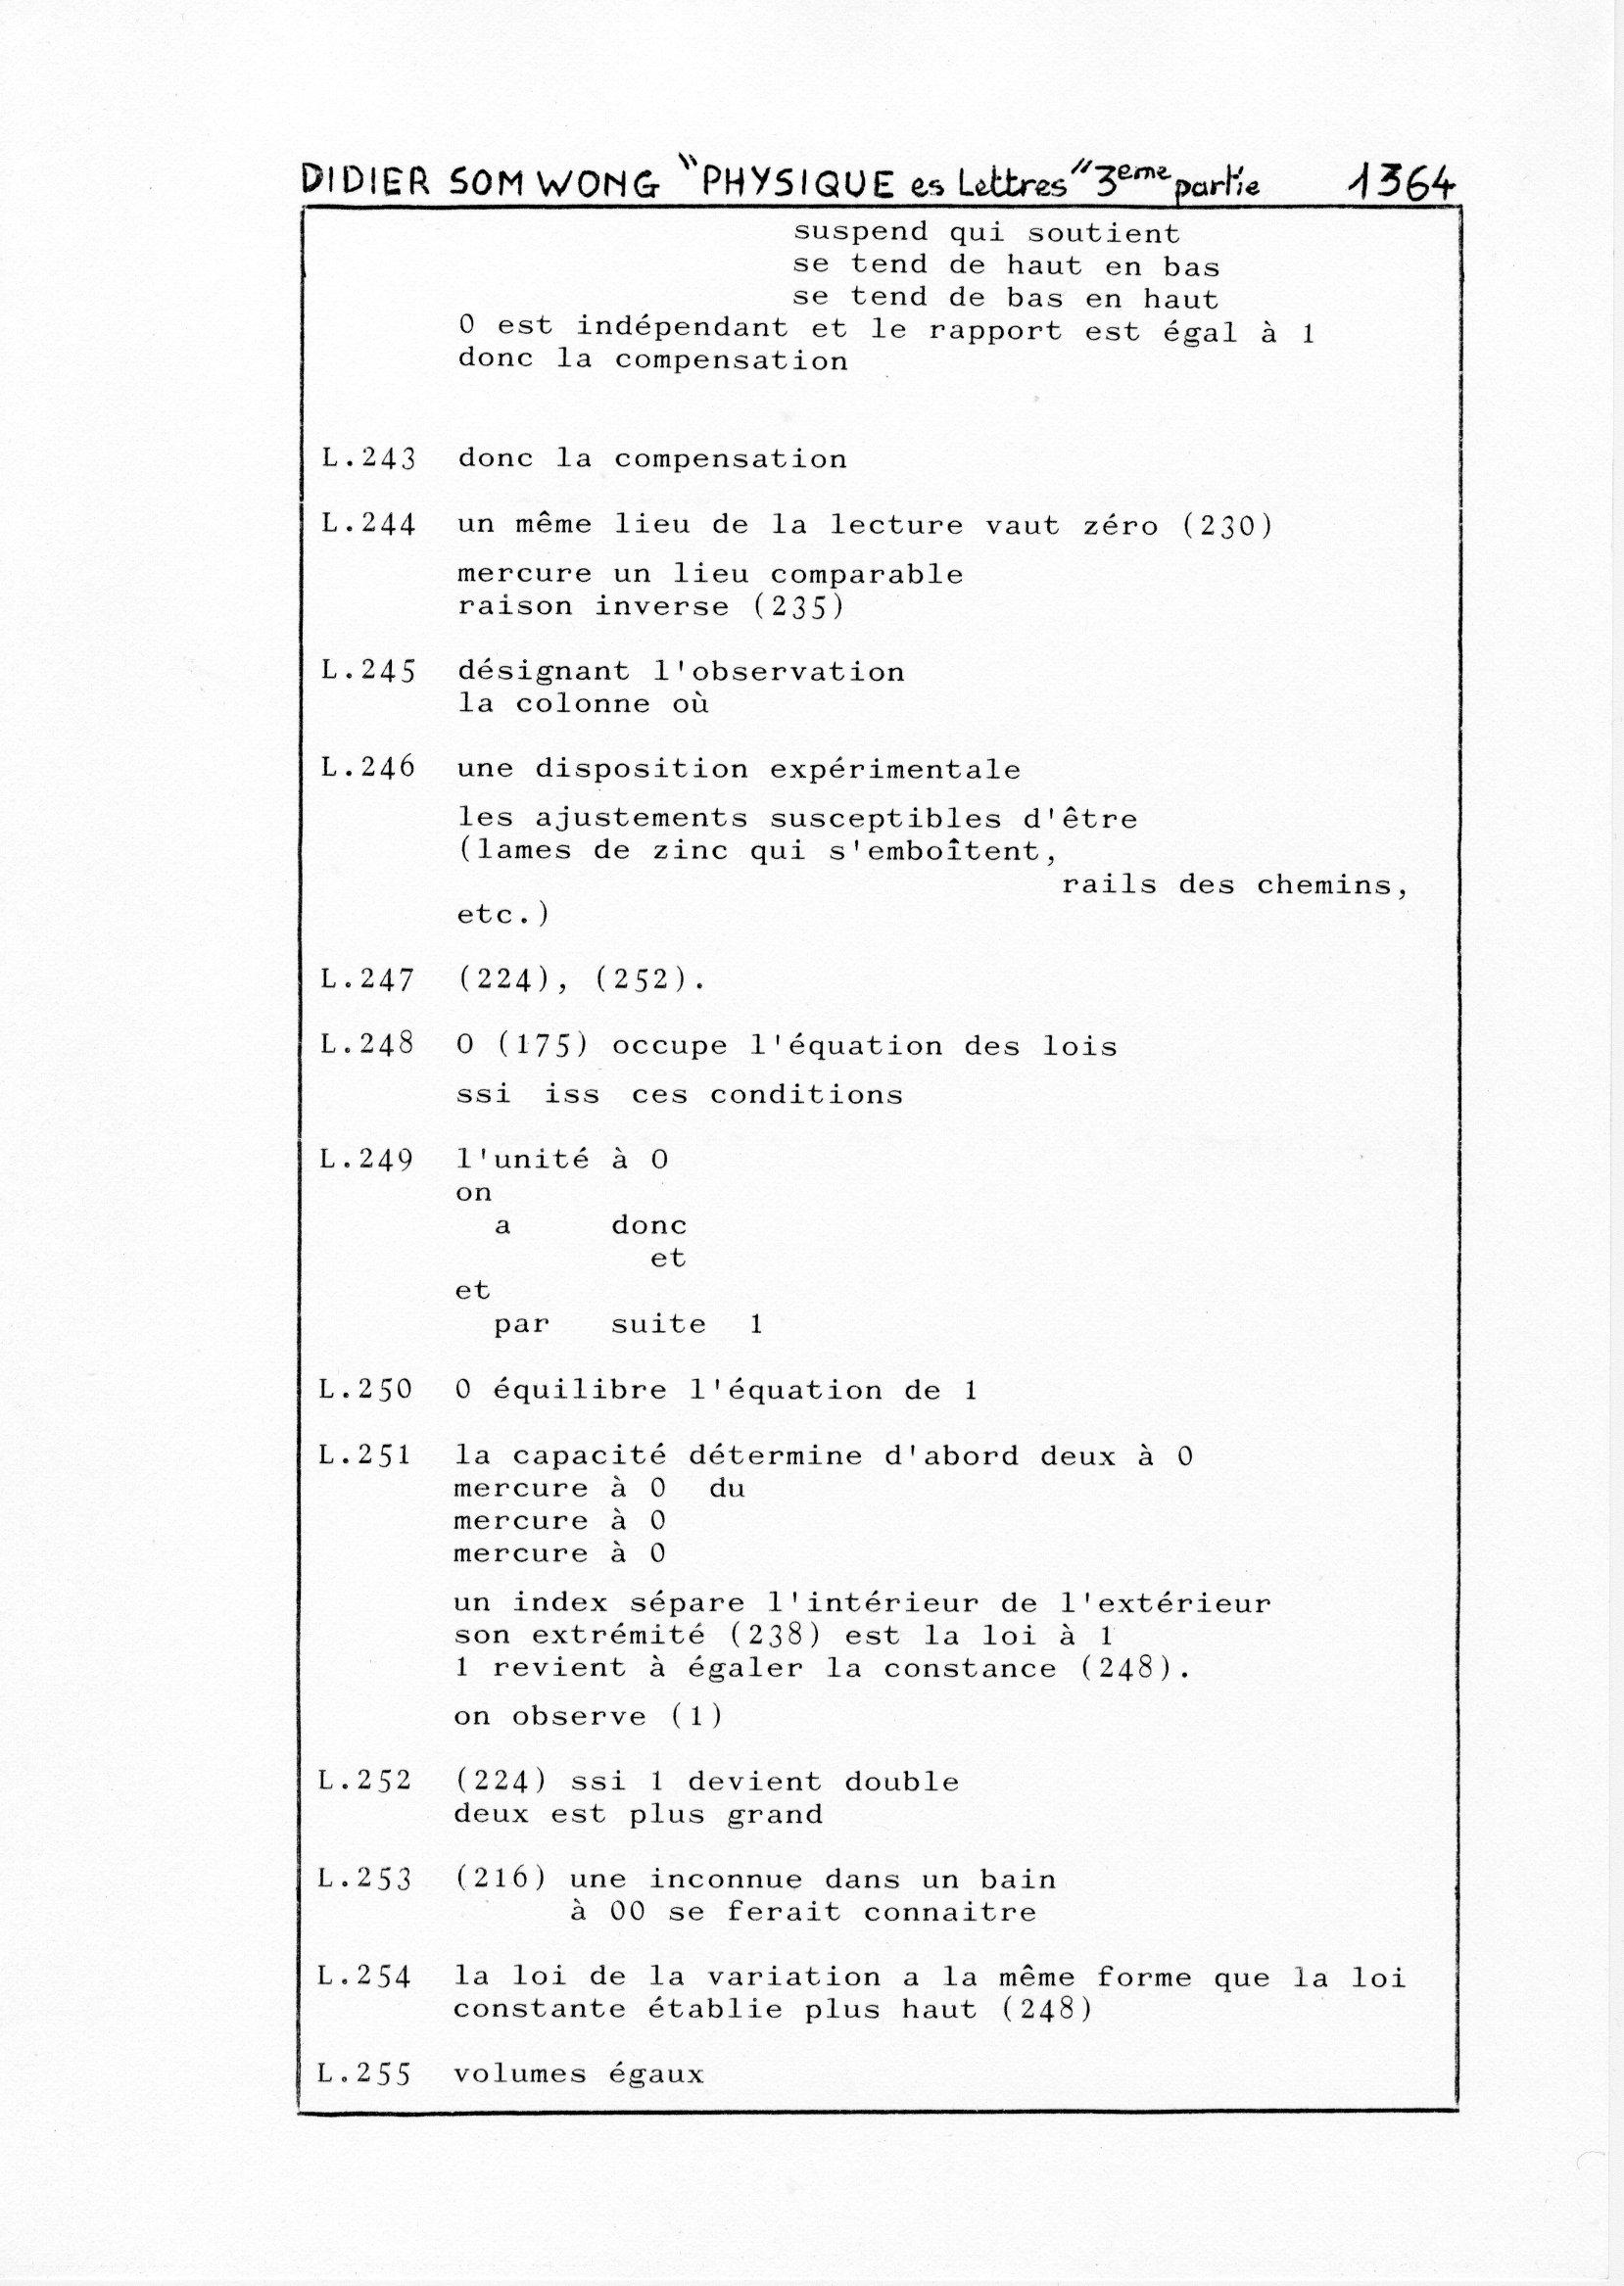 page 1364 D. Som Wong PHYSIQUE Es Lettres 3ème partie